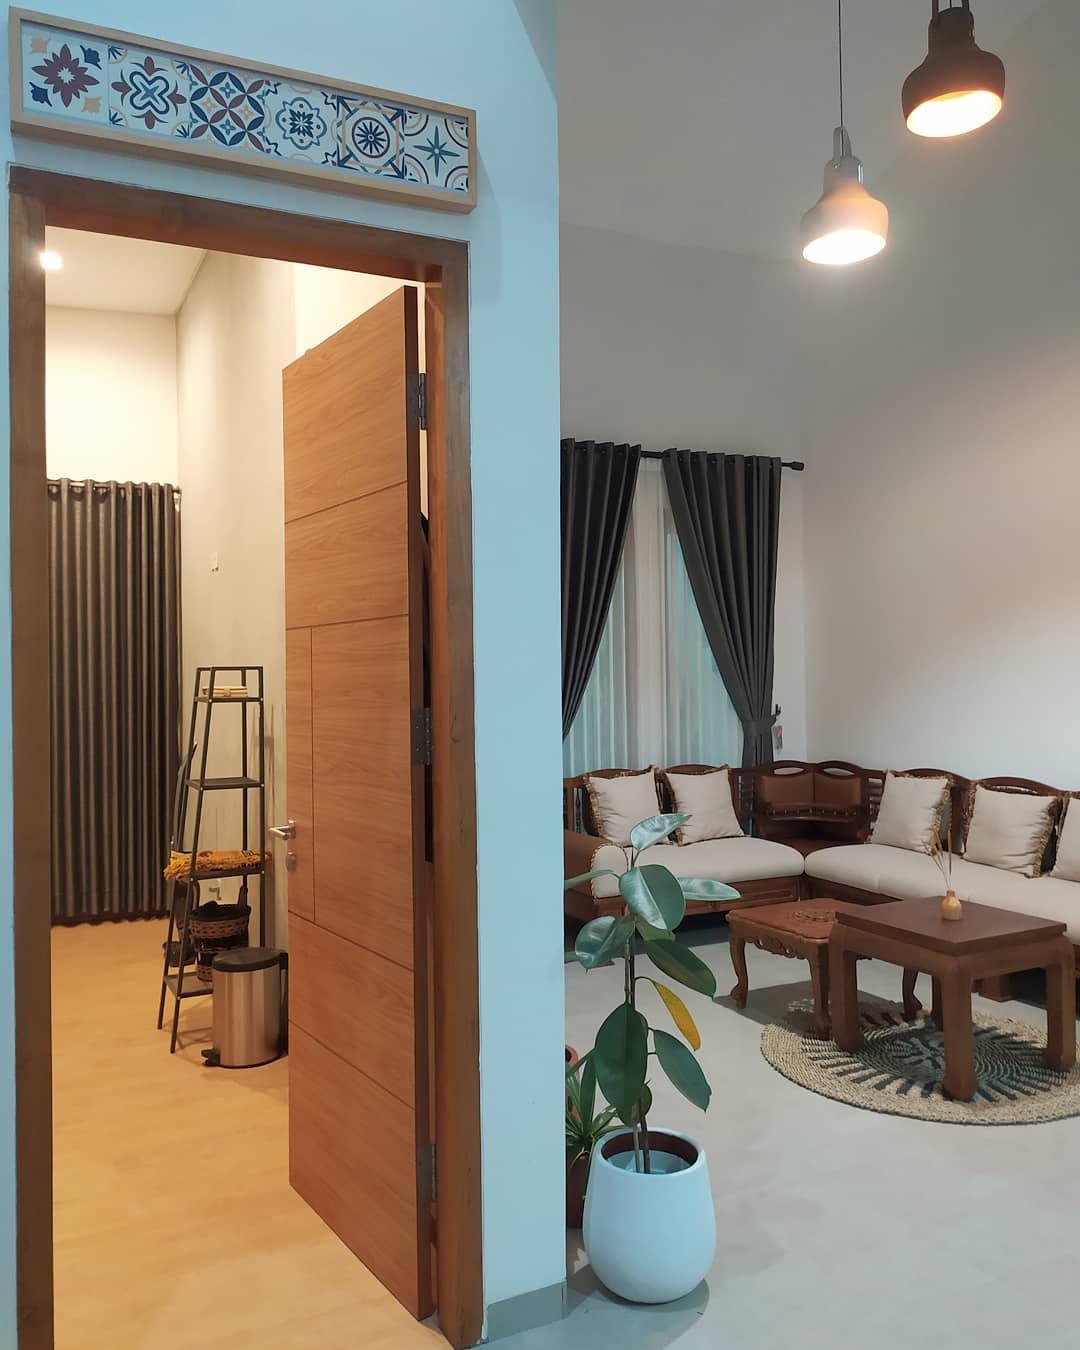 Desain Interior Rumah Minimalis_3